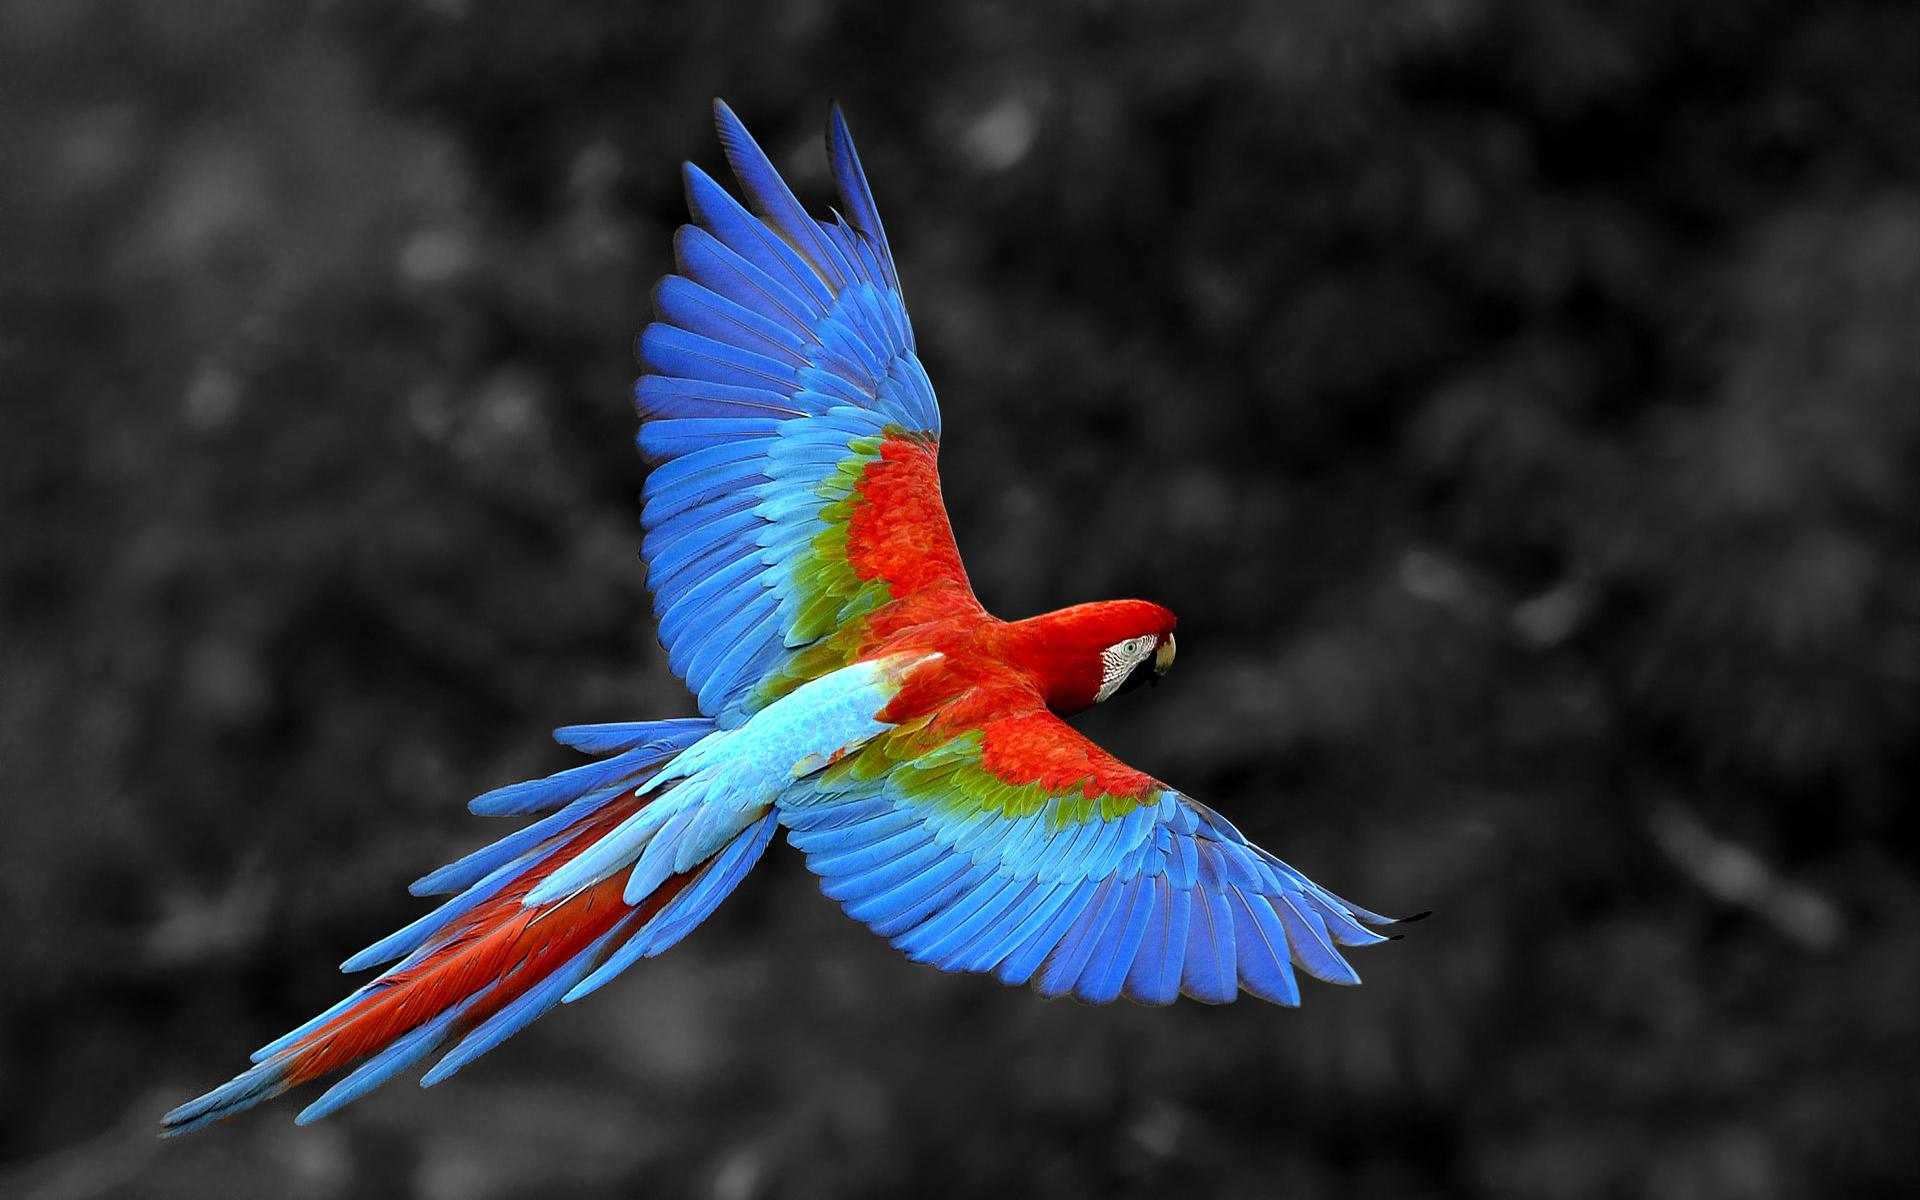 http://cdn.oboi7.com/c63098d76028fd1ad401a4d5dba16c1da29101ae/pticy-zhivotnye-popugai-vyborochnaya-raskraska-rio.jpg